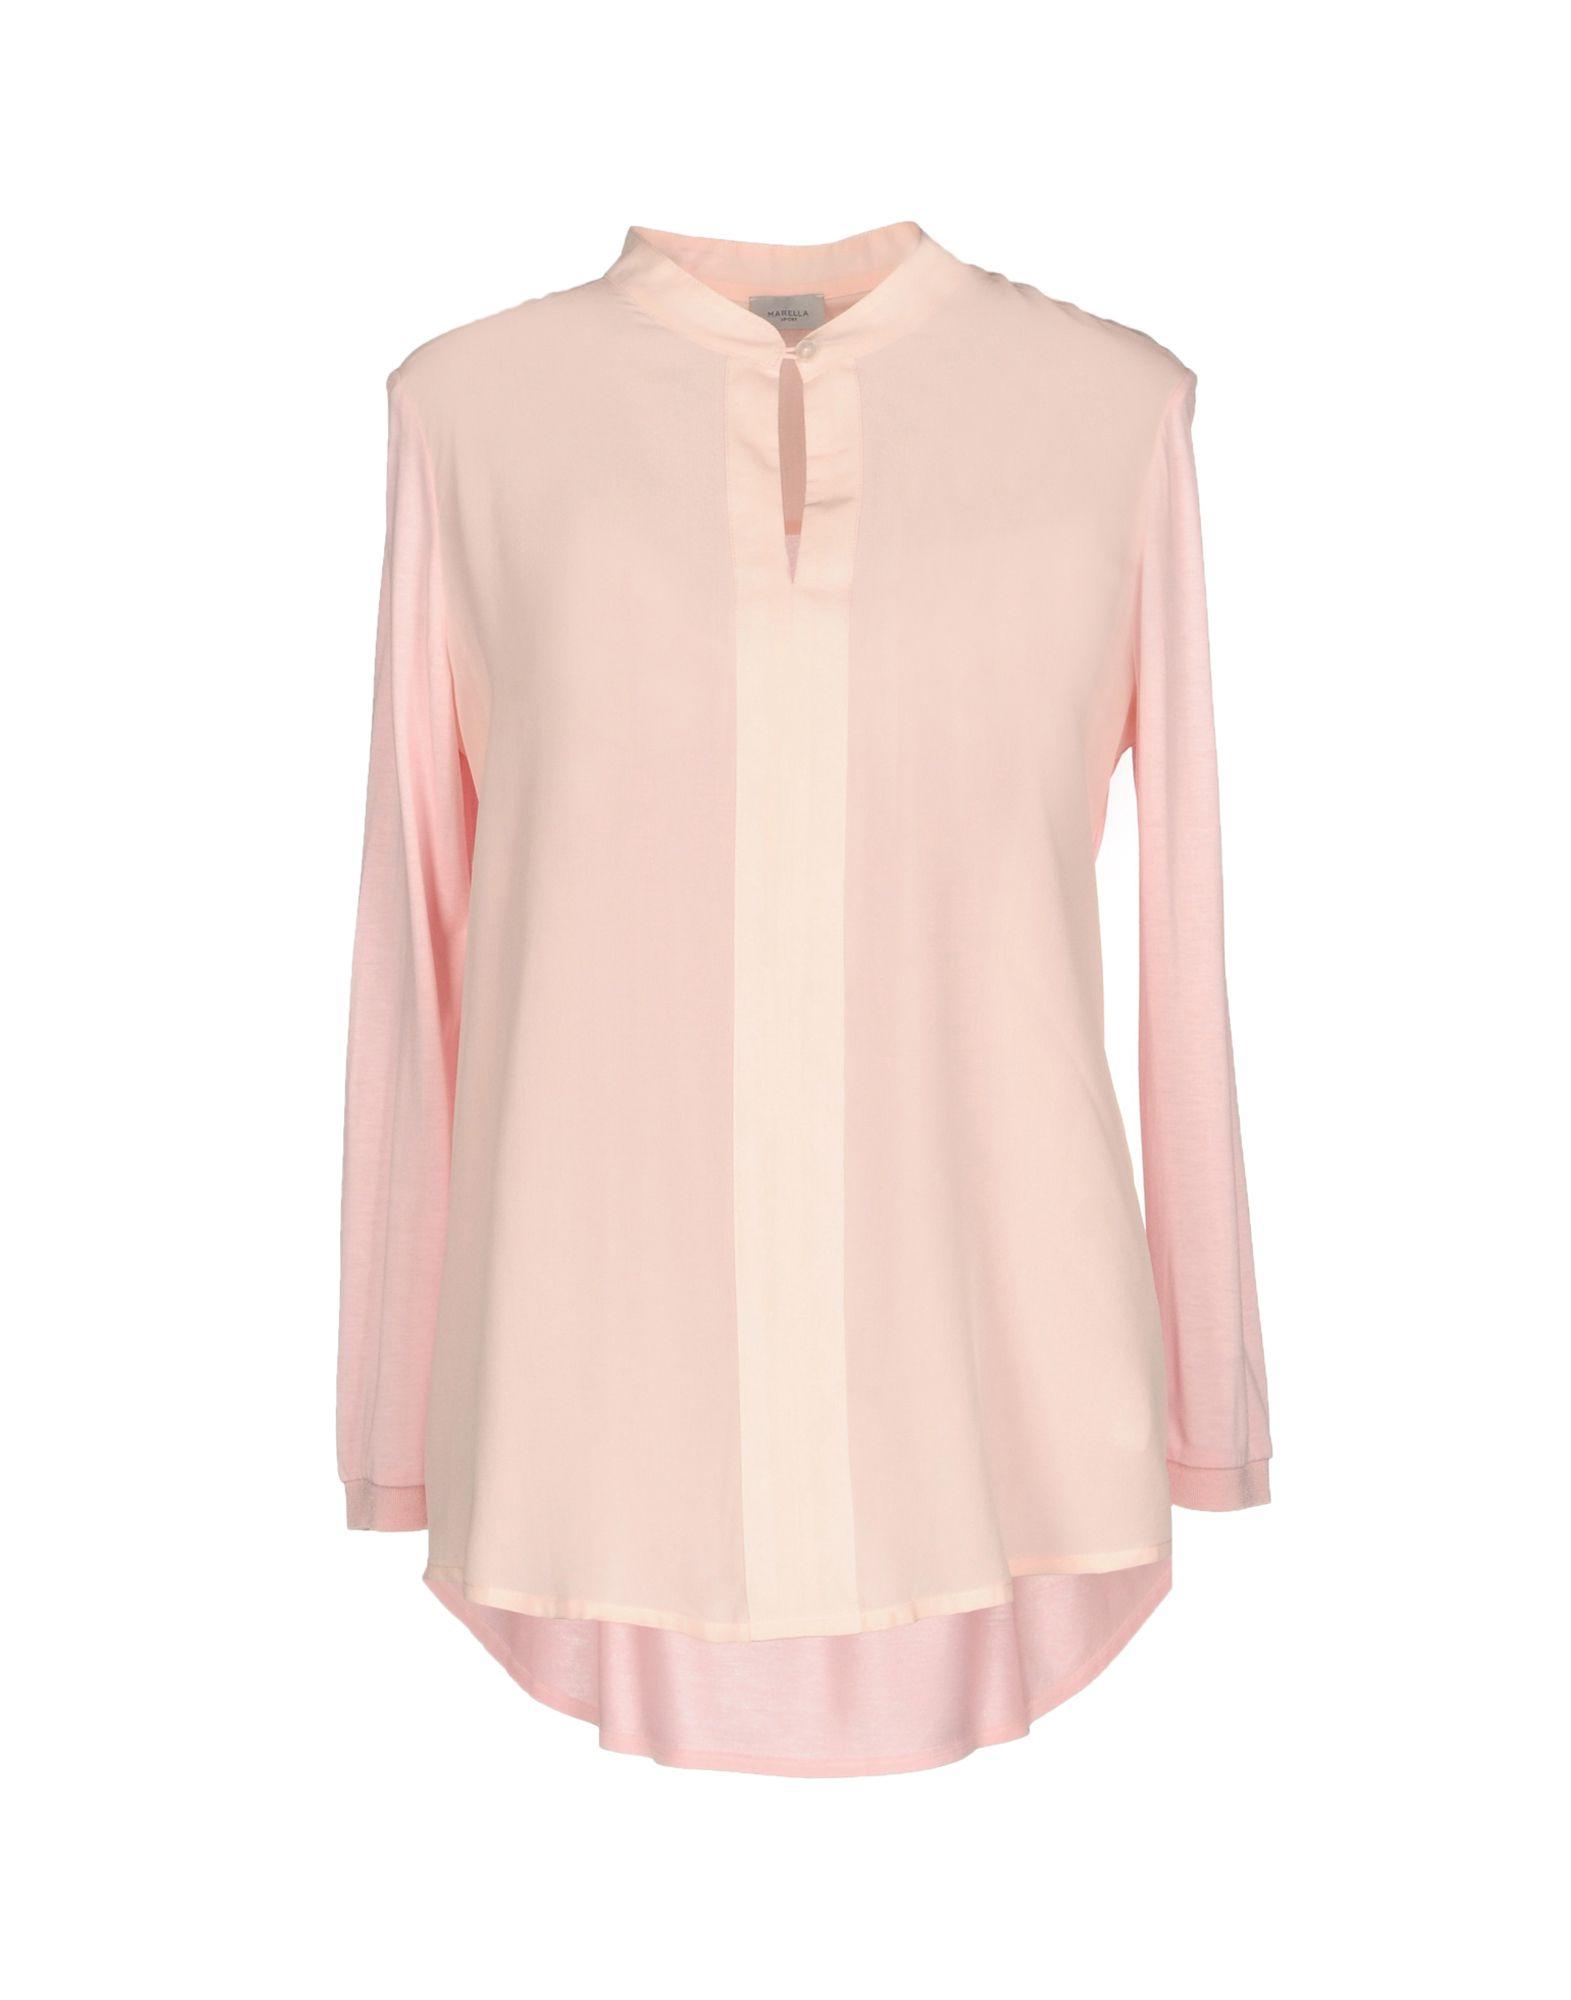 купить MARELLA SPORT Блузка дешево